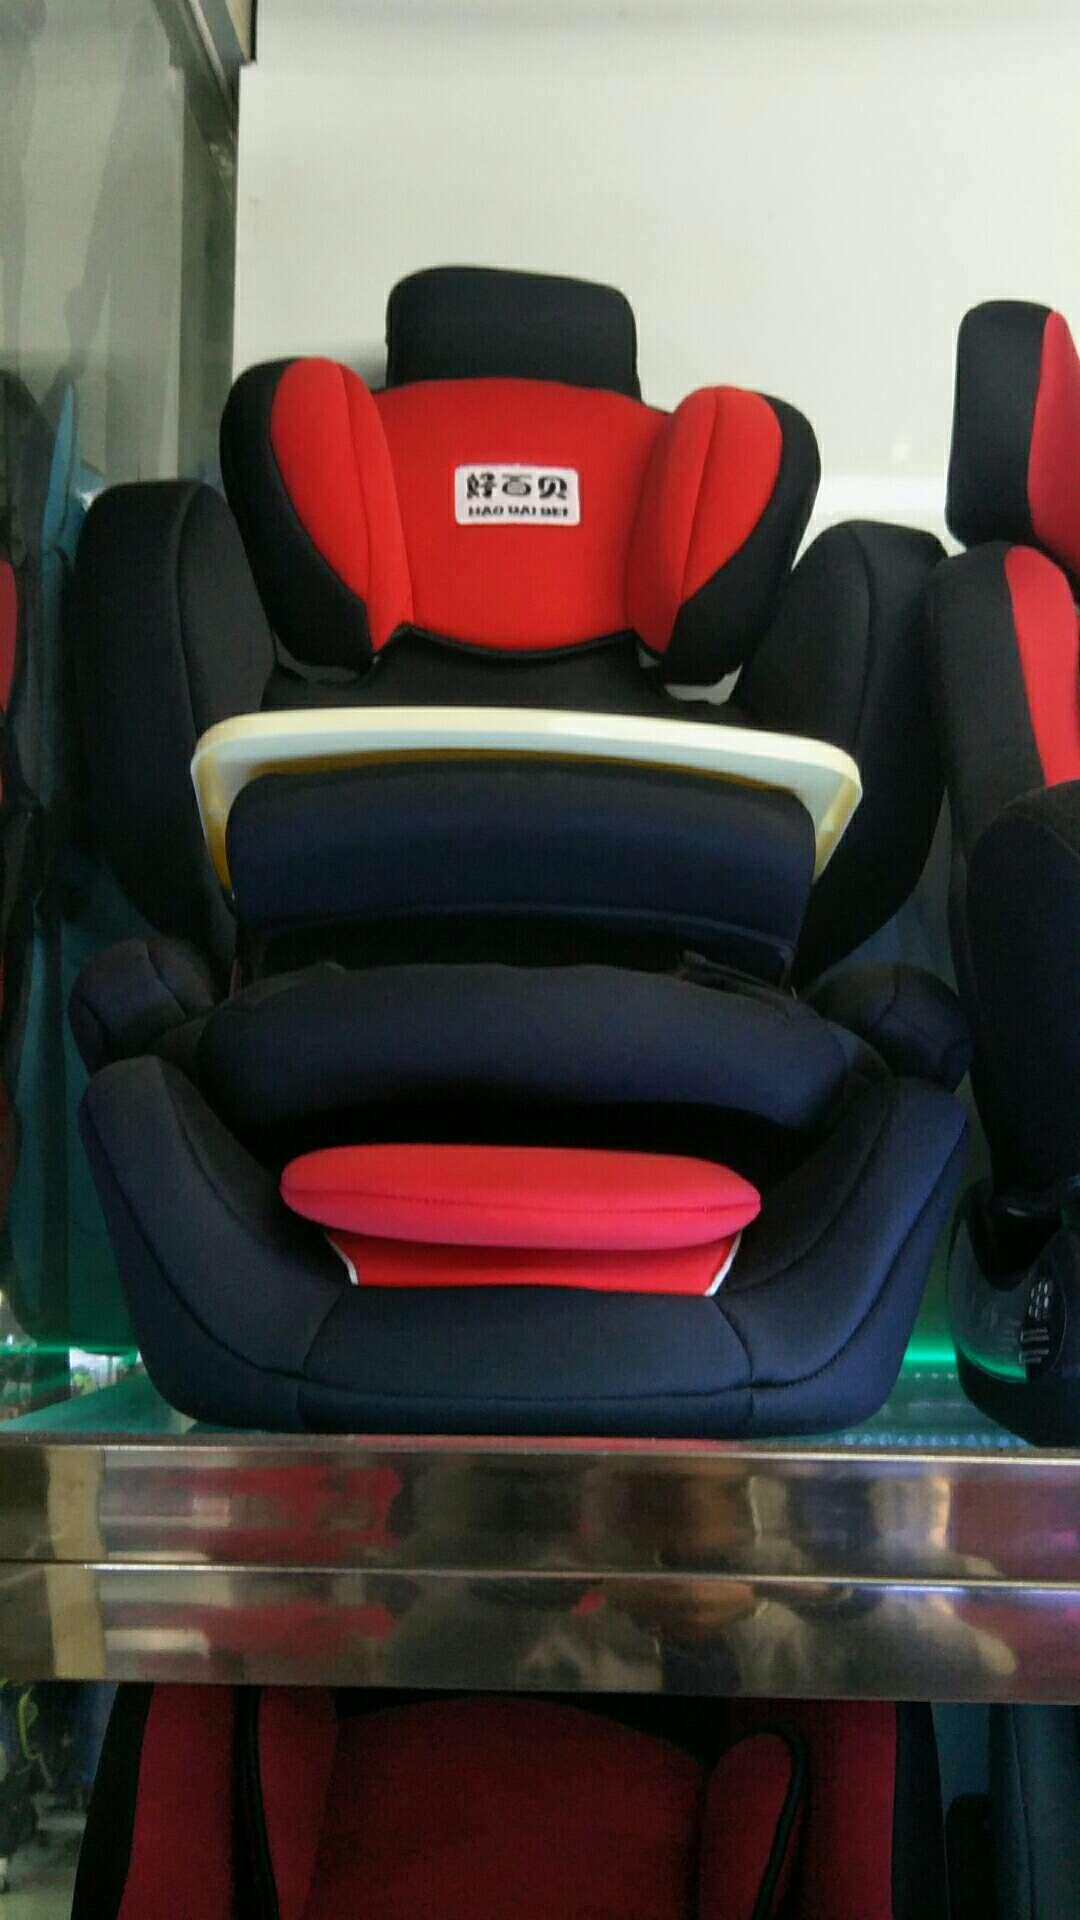 汽车安全儿童座椅HBB一C